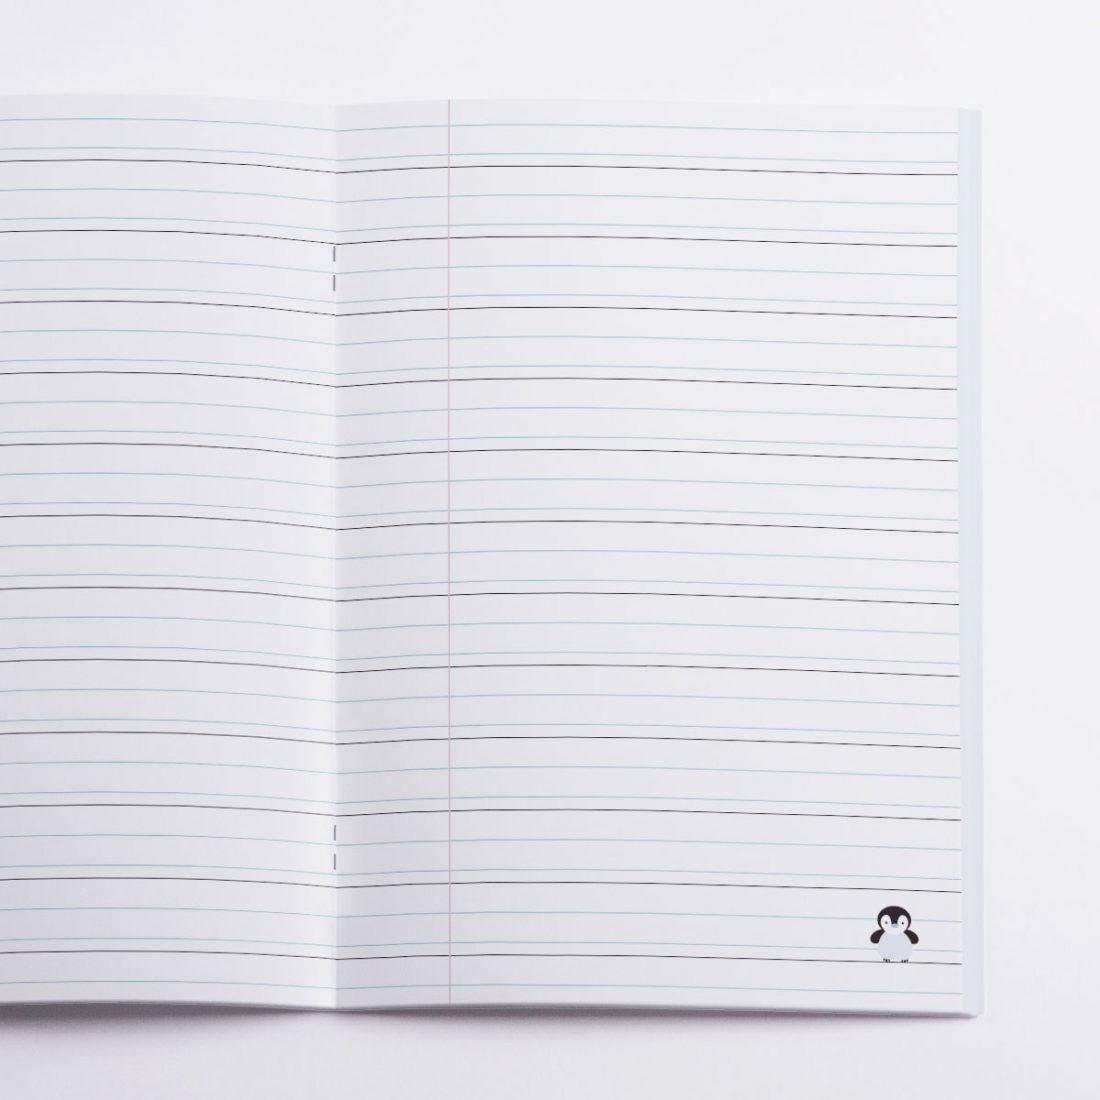 Floe Notebook Crazycat / inside